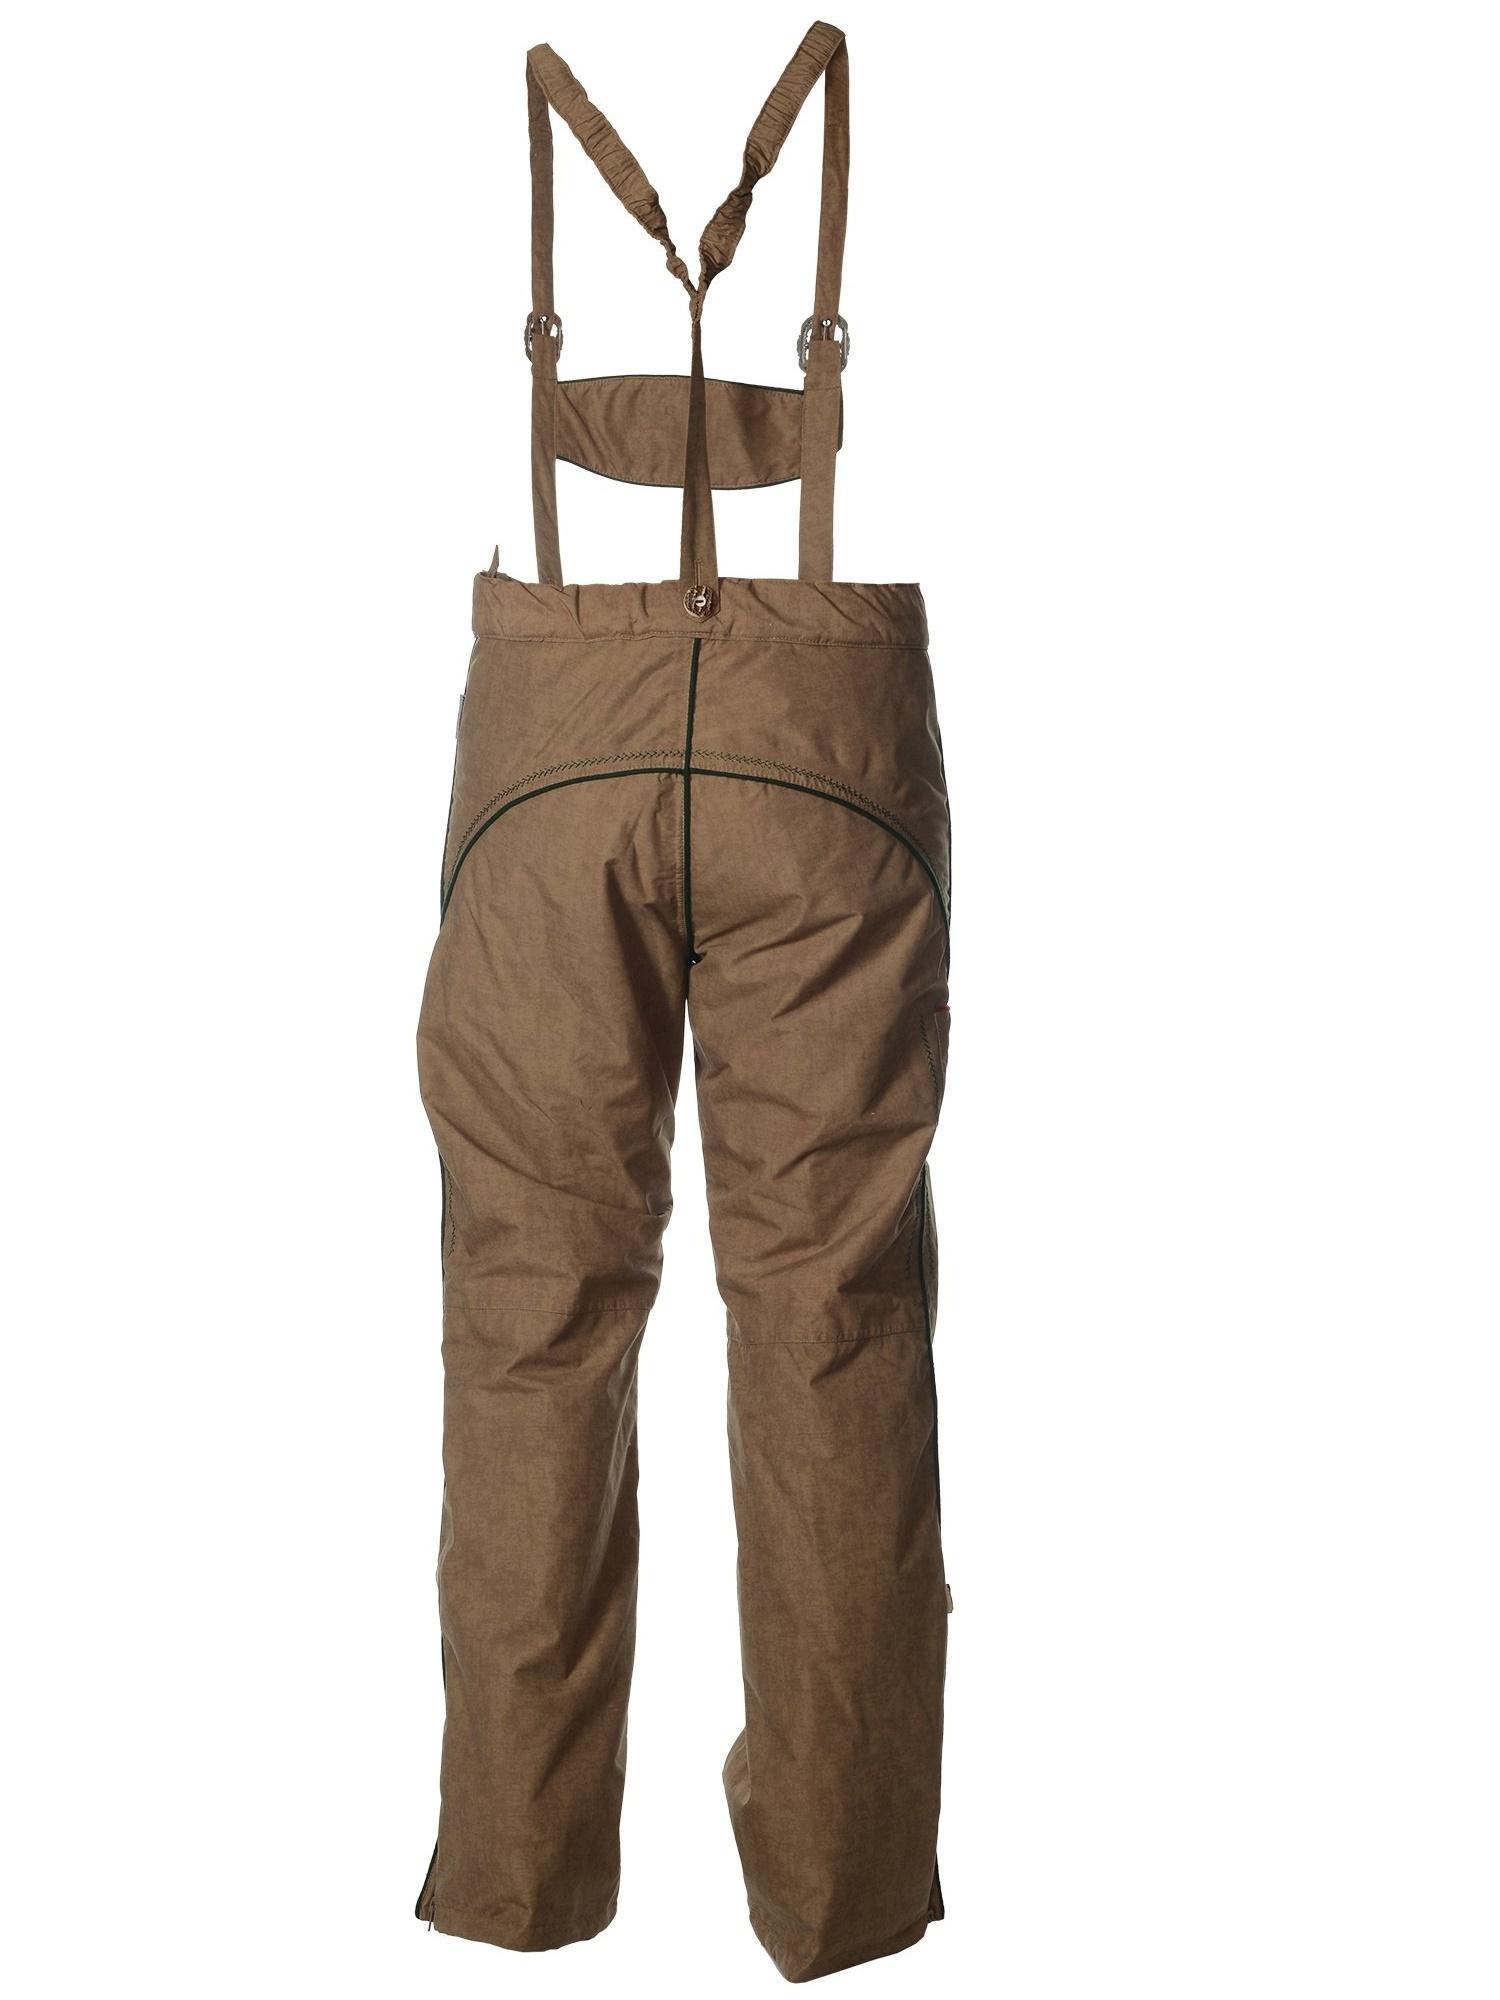 Мужская горнолыжная одежда Almrausch Lois 121326-8355 фото